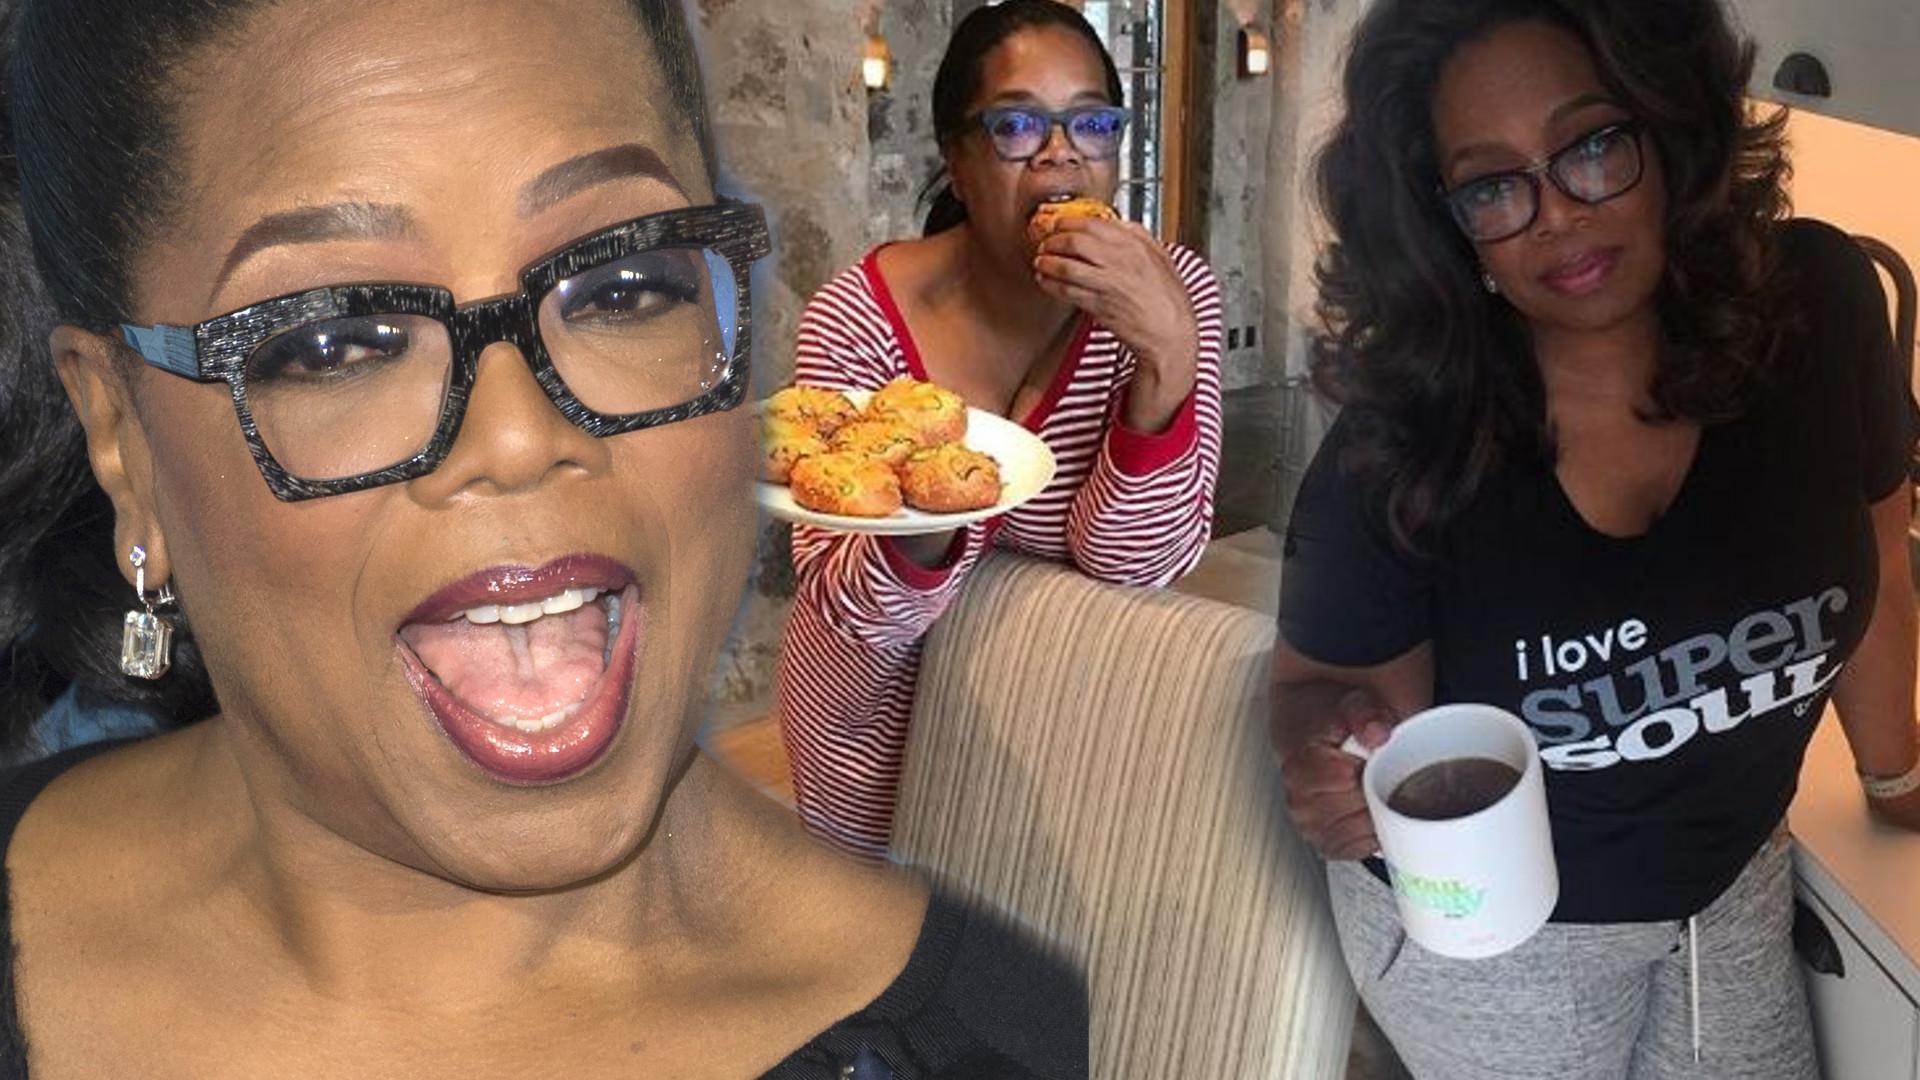 Jak wygląda zwykły dzień MILIARDERKI – każdy chciałby żyć jak Oprah Winfrey?